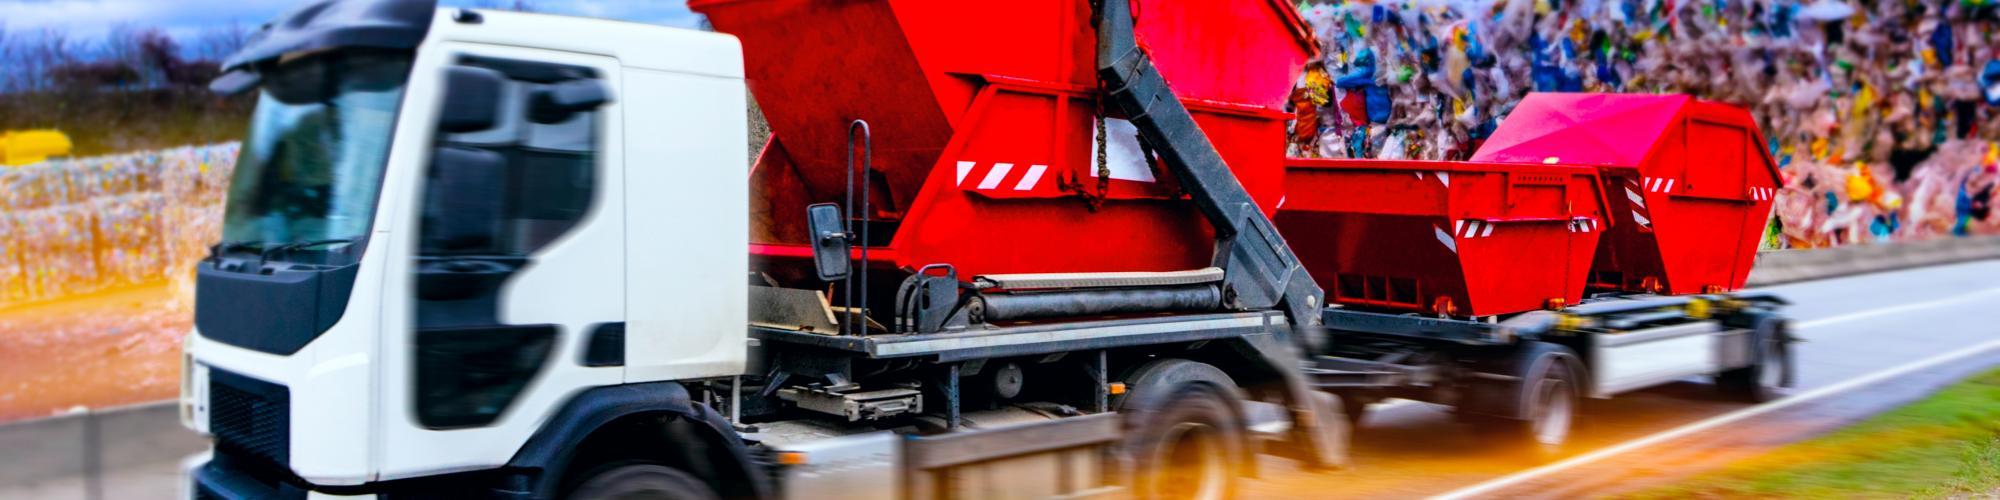 SWT Schrott-, Wertstoffhandel und Transport GmbH